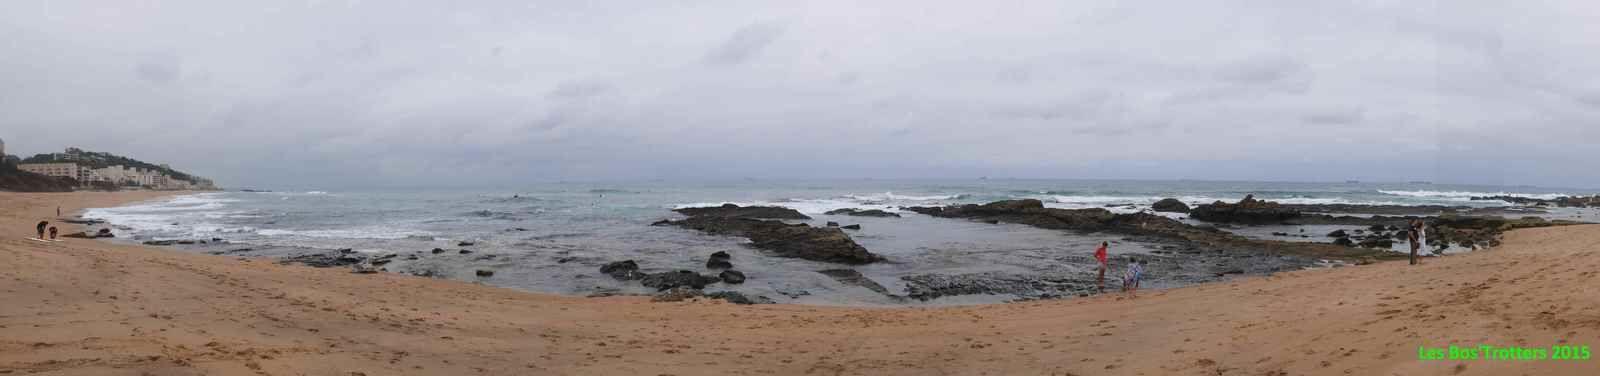 Afrique du Sud - 4 - L'Océan Indien, ça remue trop!